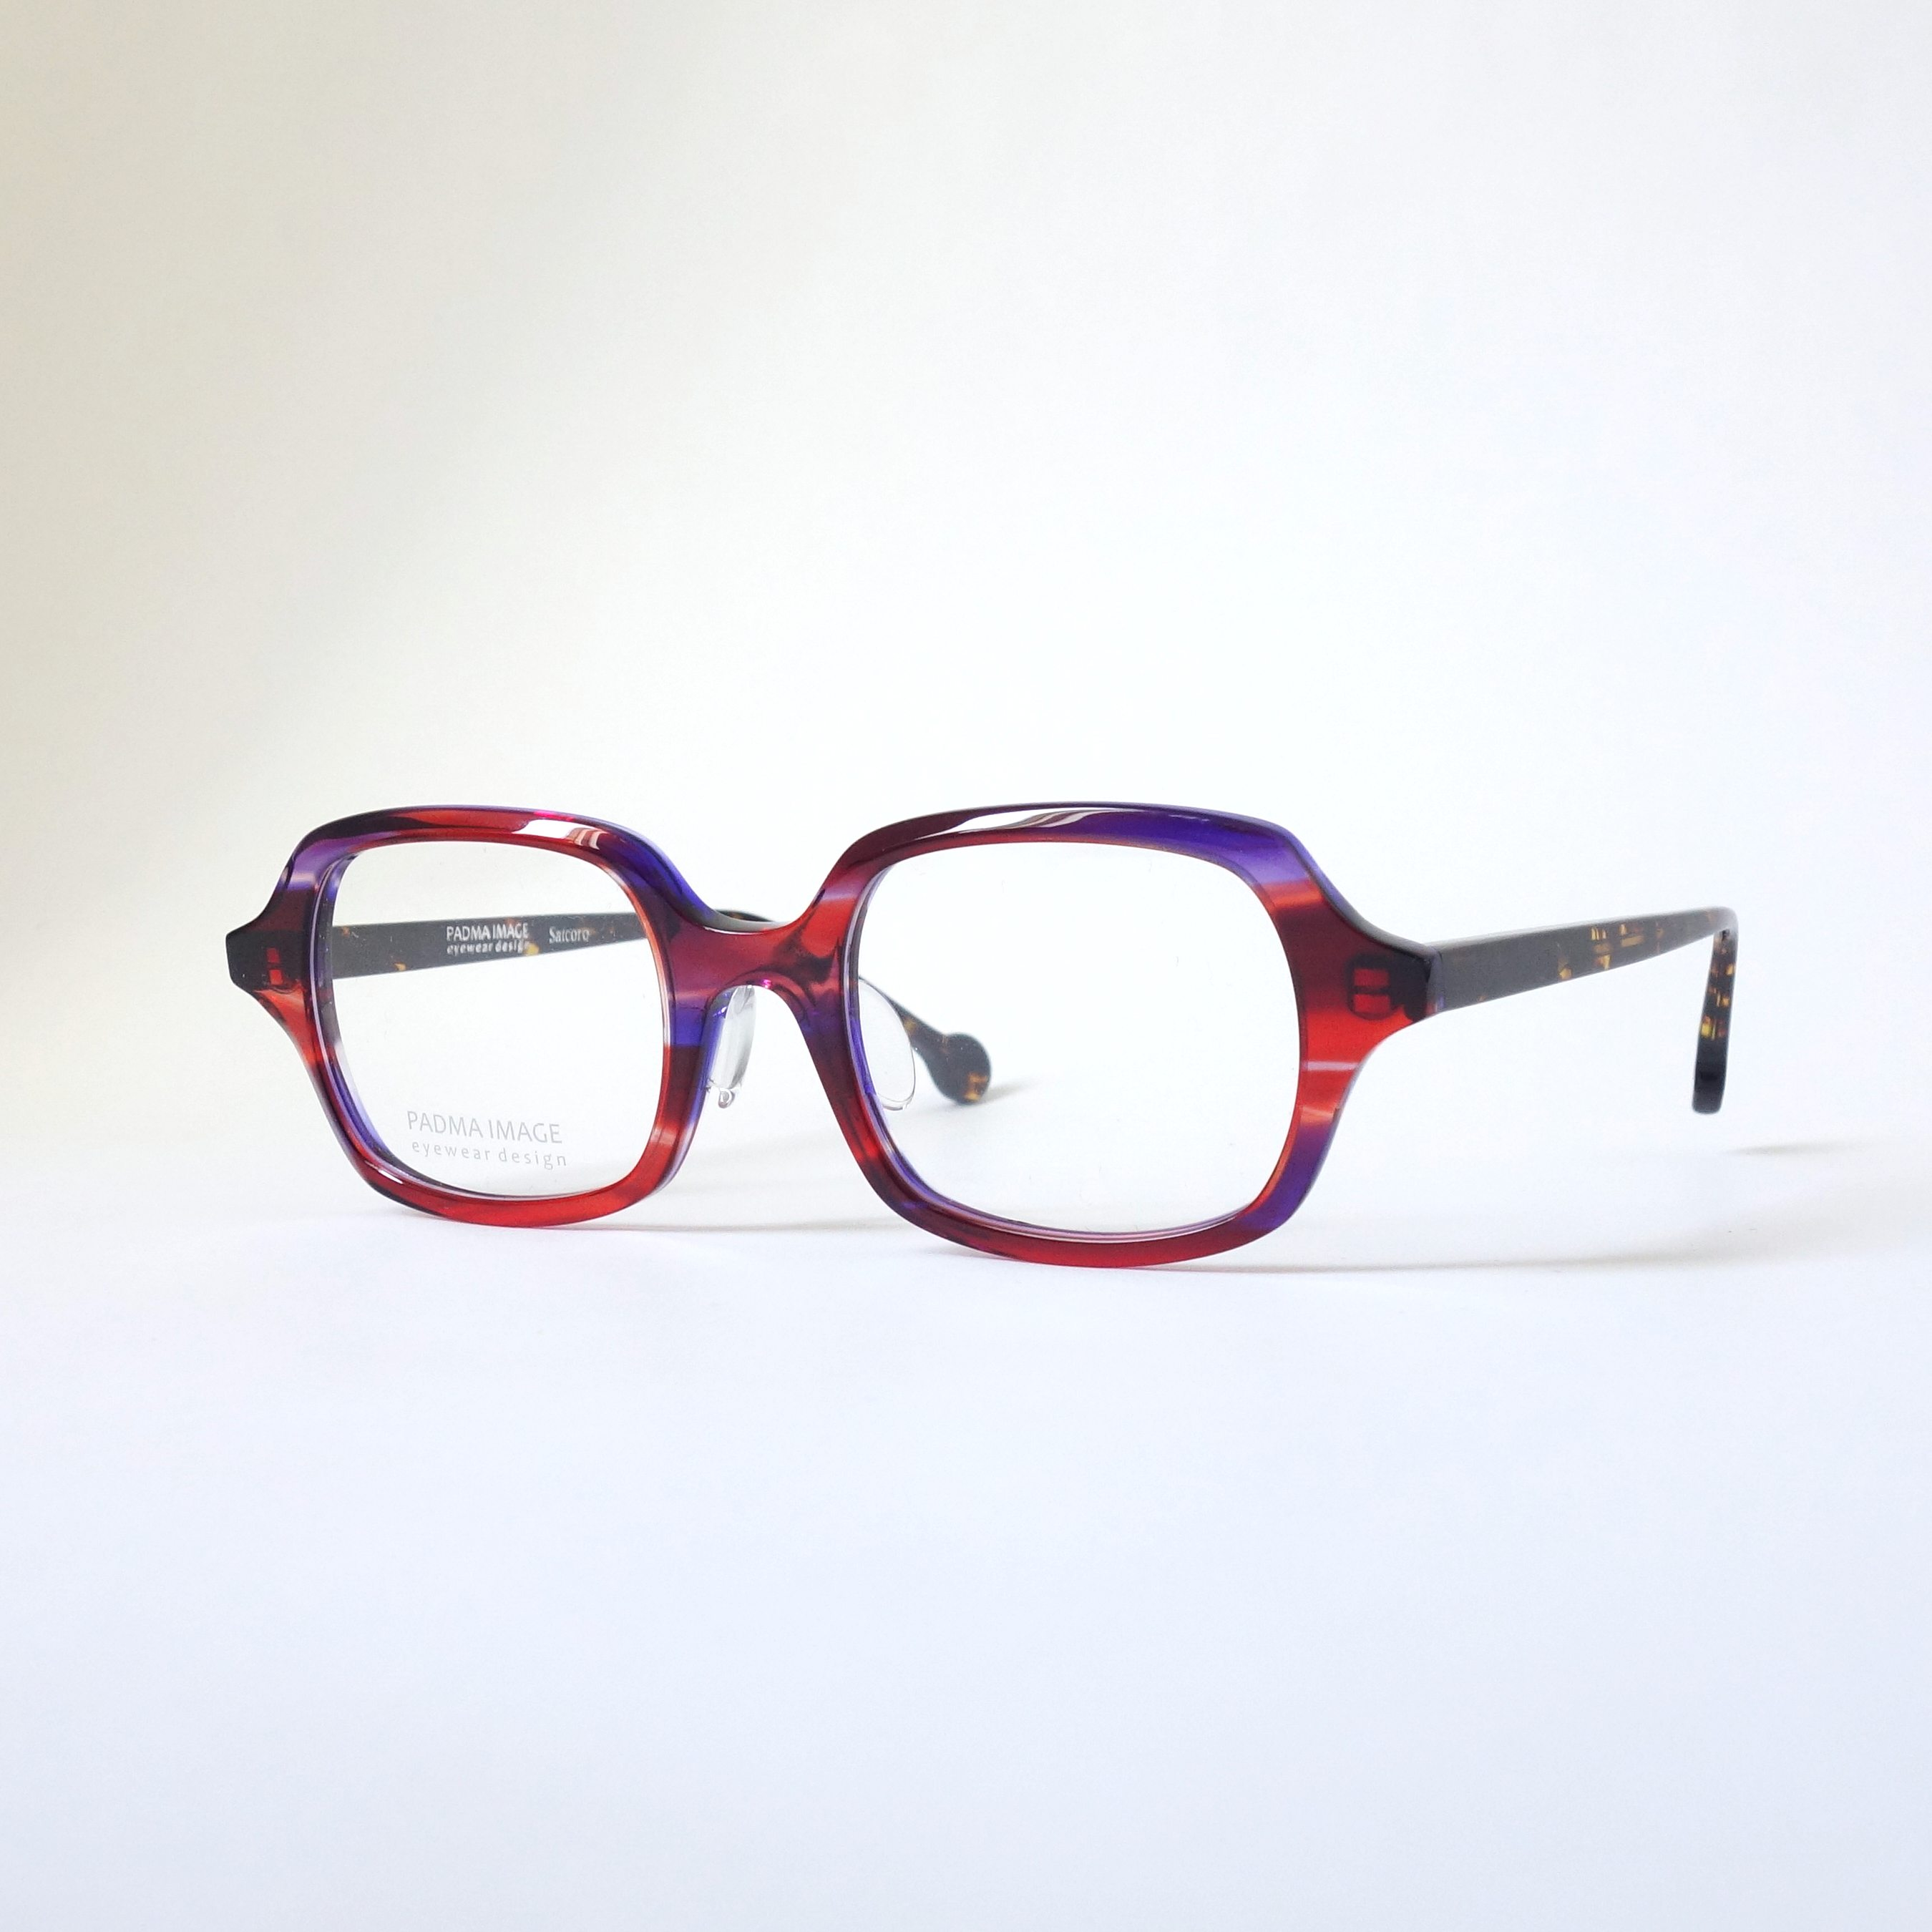 Saicoro col149 [red purple]